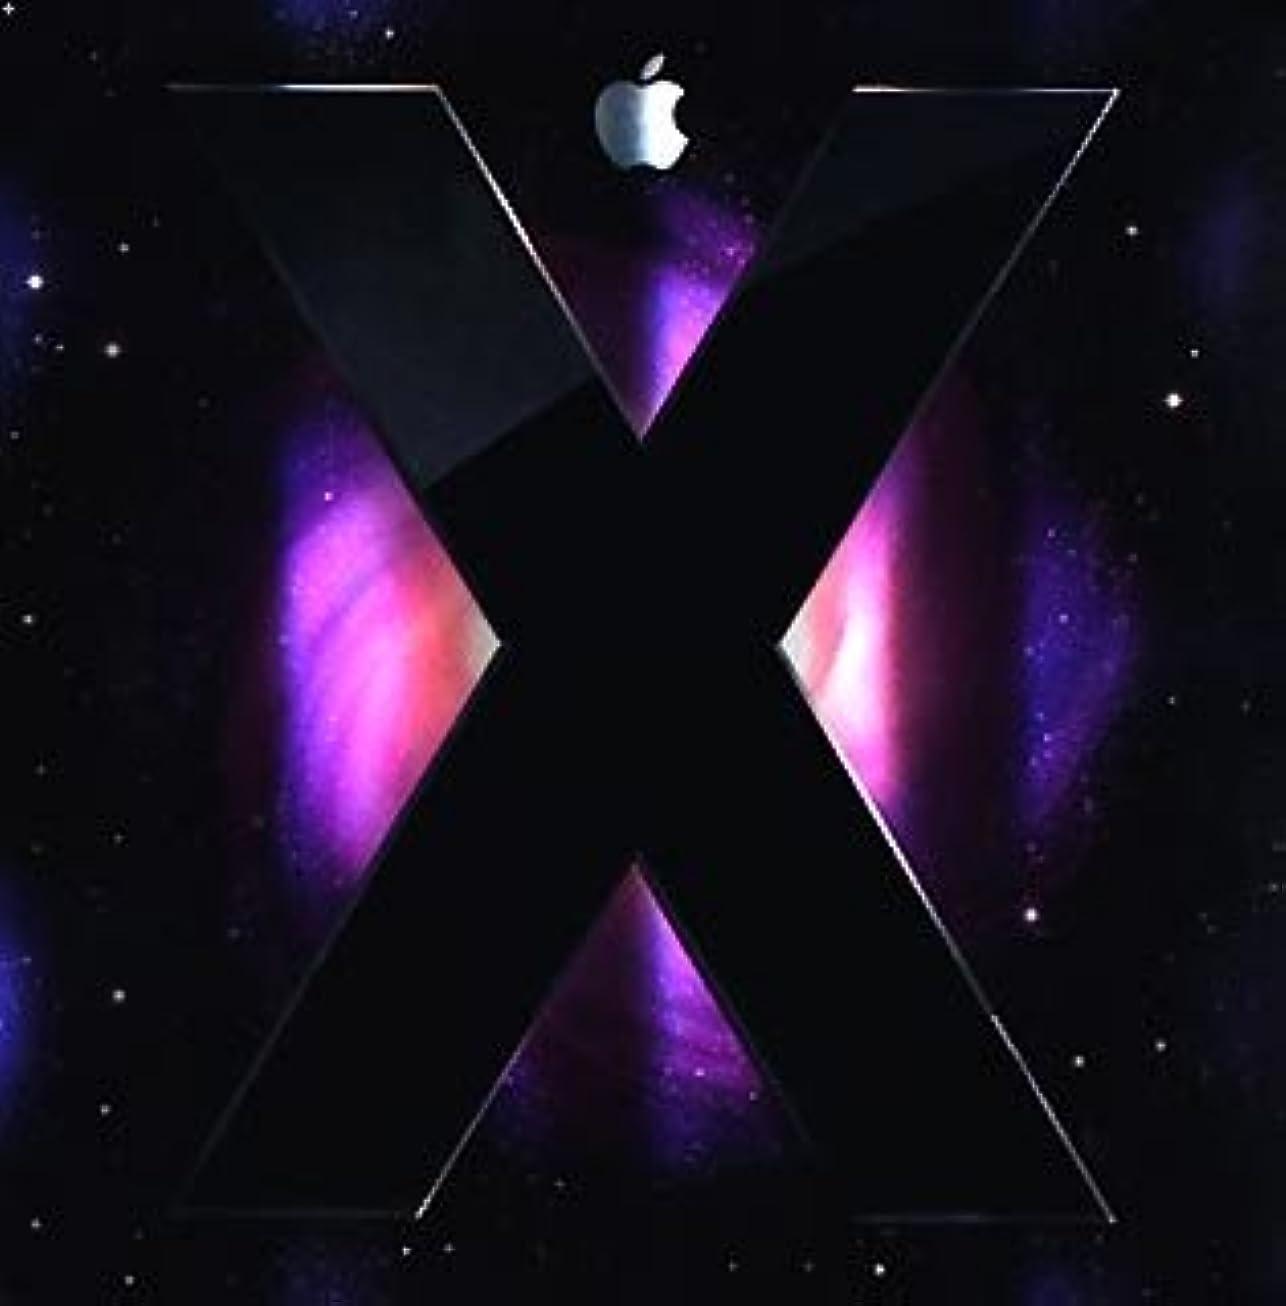 倍率バンジョー何かMac OS X Leopard ファミリーパック